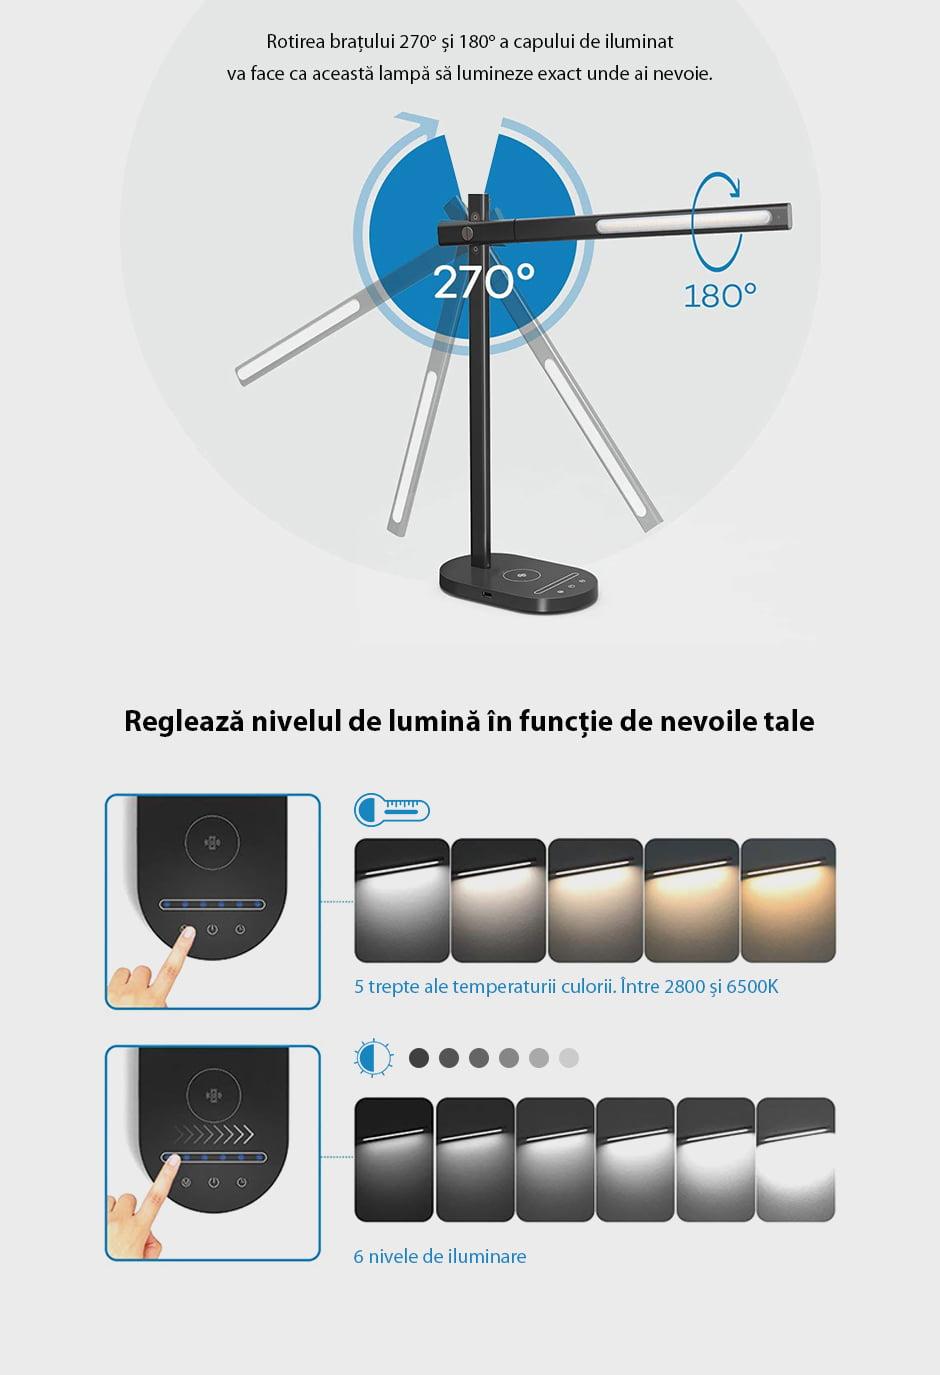 Lampa de birou cu incarcare wireless QI pentru telefonul mobil RS-LTL-508W 14